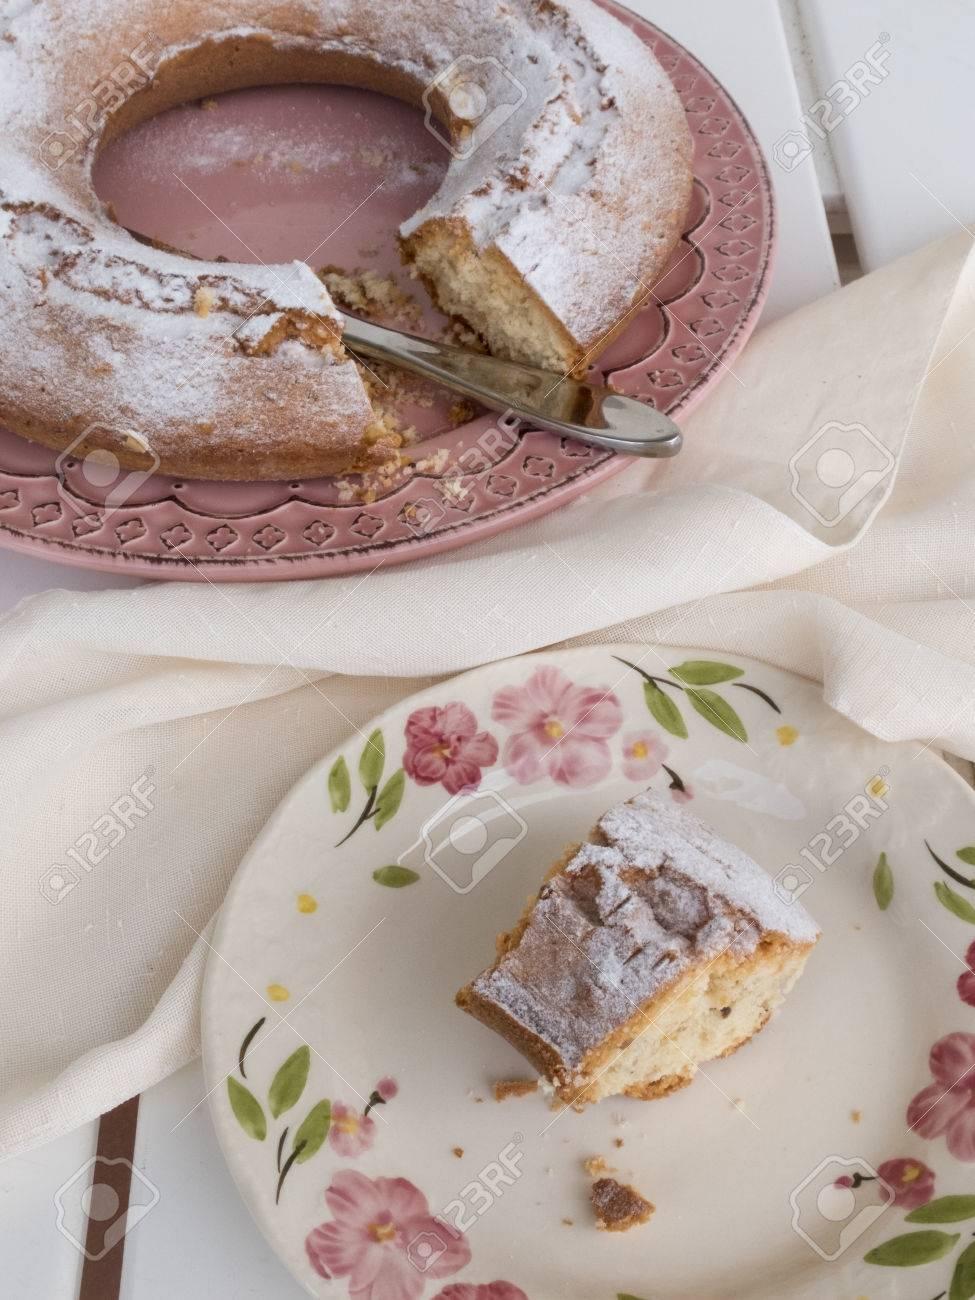 Scheibe Kuchen Ciambellone Mit Krumel Auf Keramikplatte Gemalt Mit